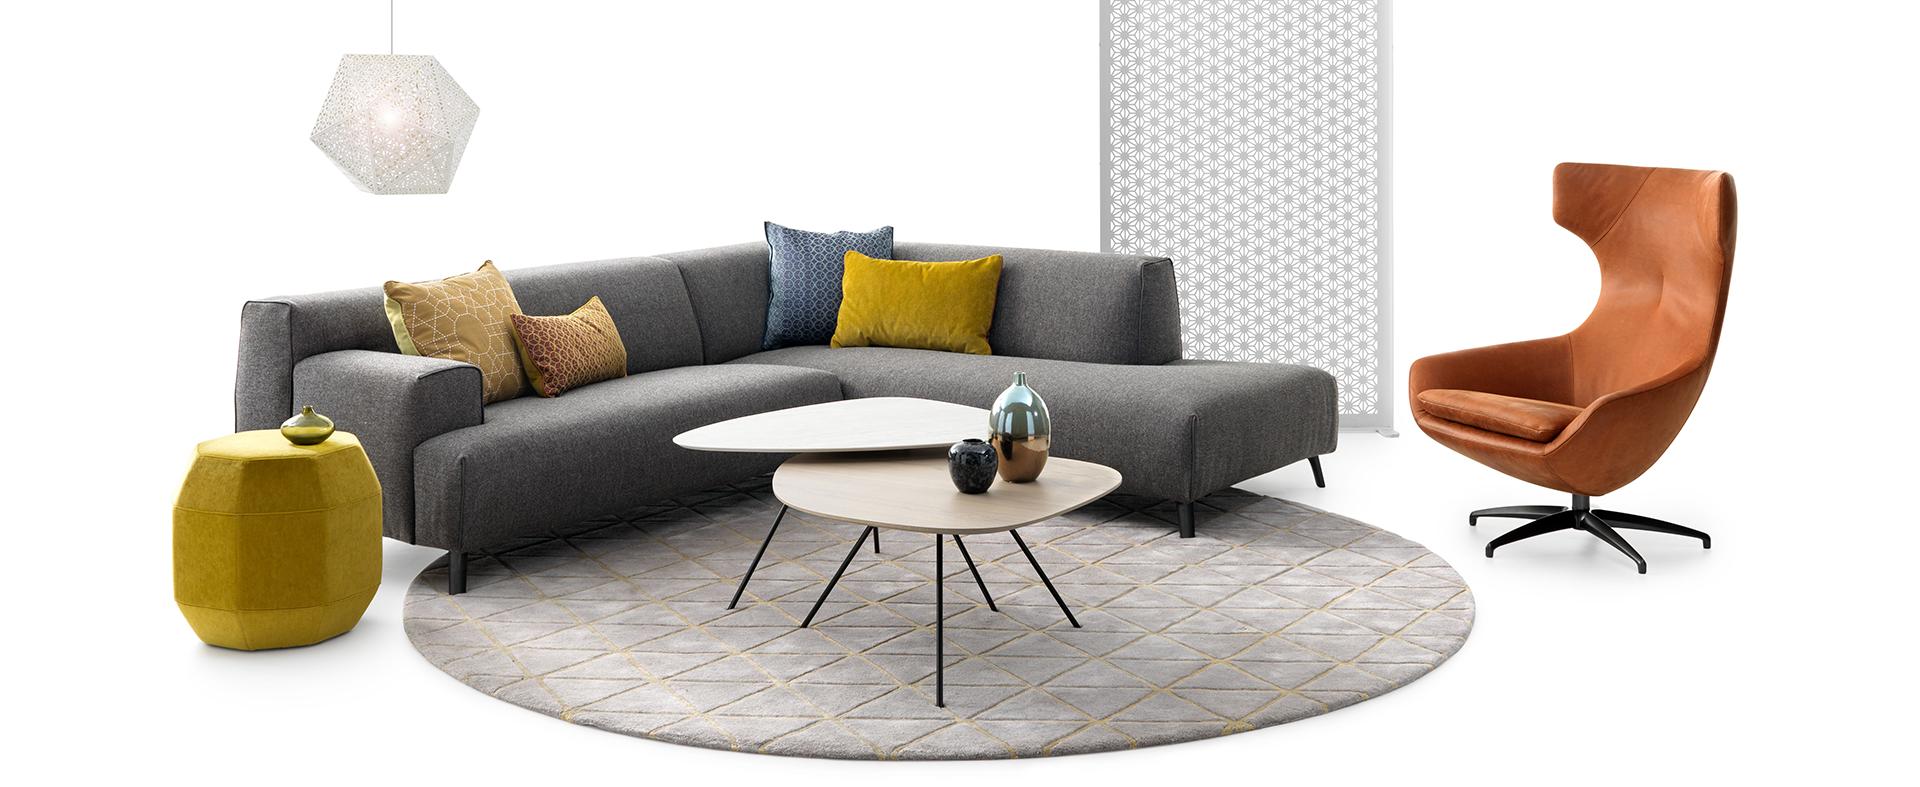 leolux oscar bank leolux banken. Black Bedroom Furniture Sets. Home Design Ideas